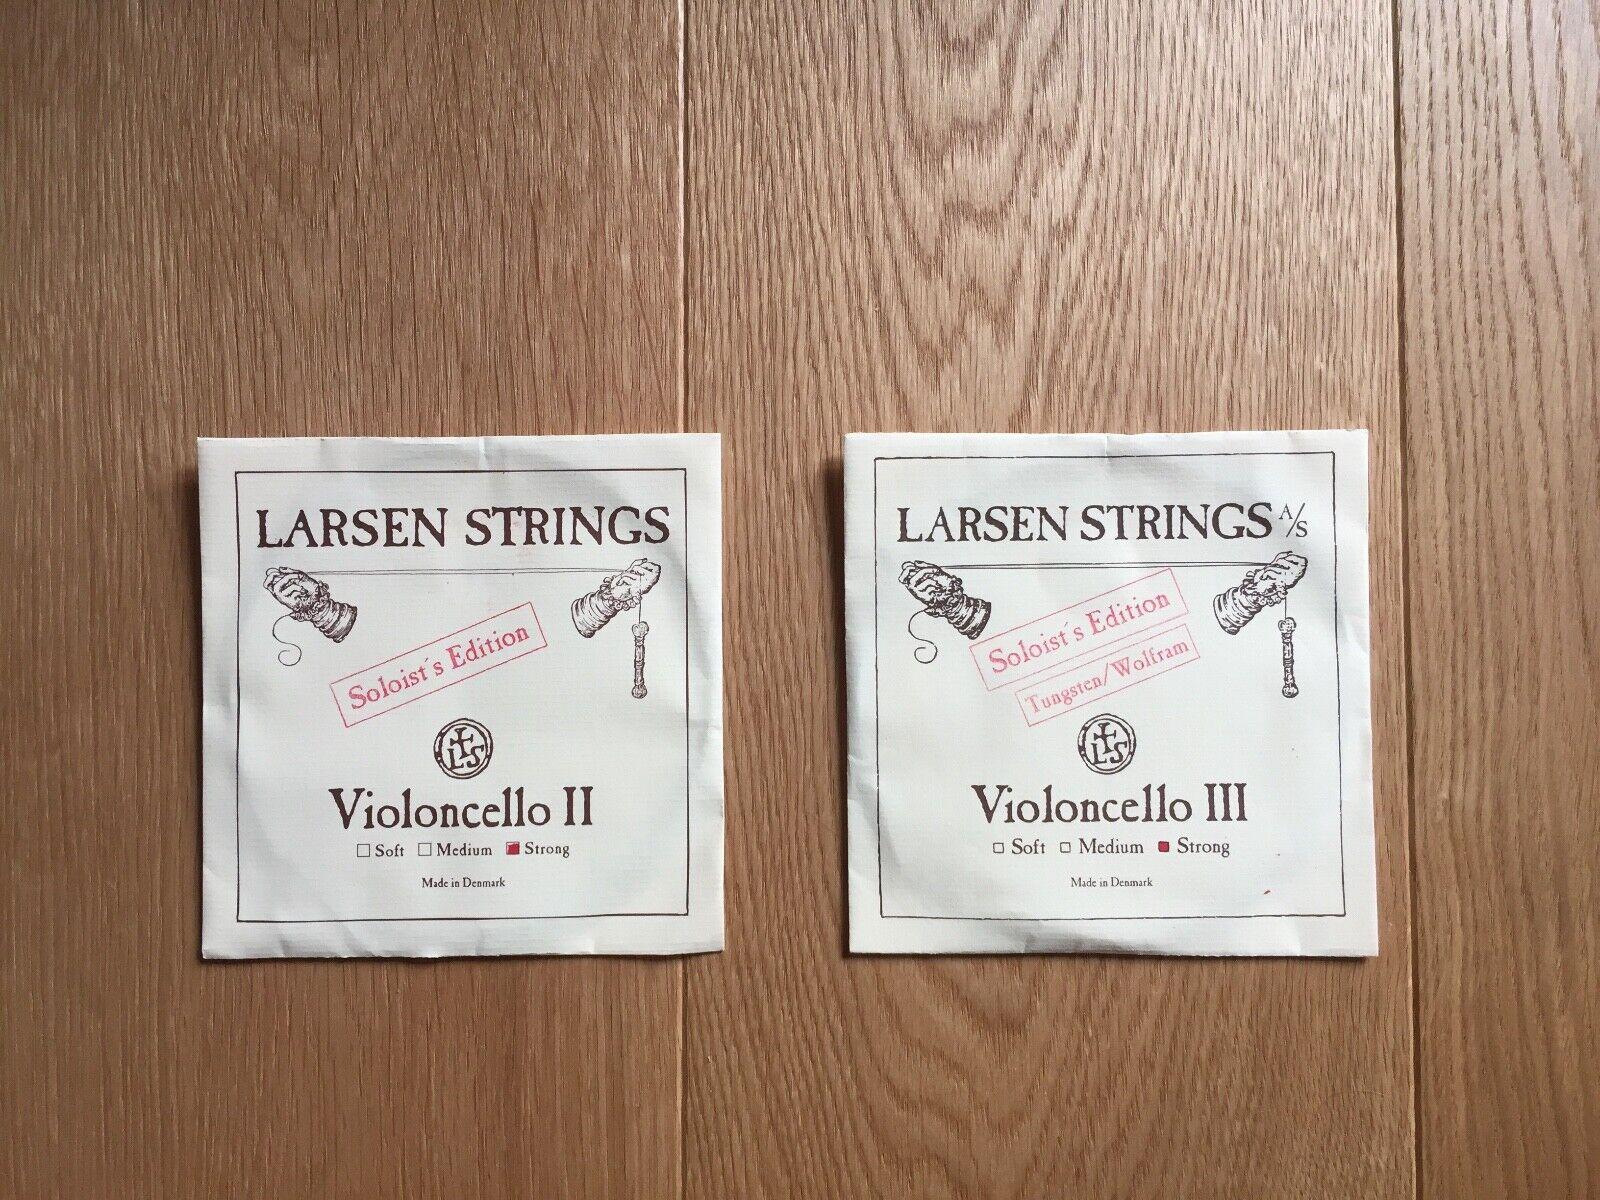 Larsen Cellosaiten D und G, Soloists Edition Strong, neu und originalverpackt